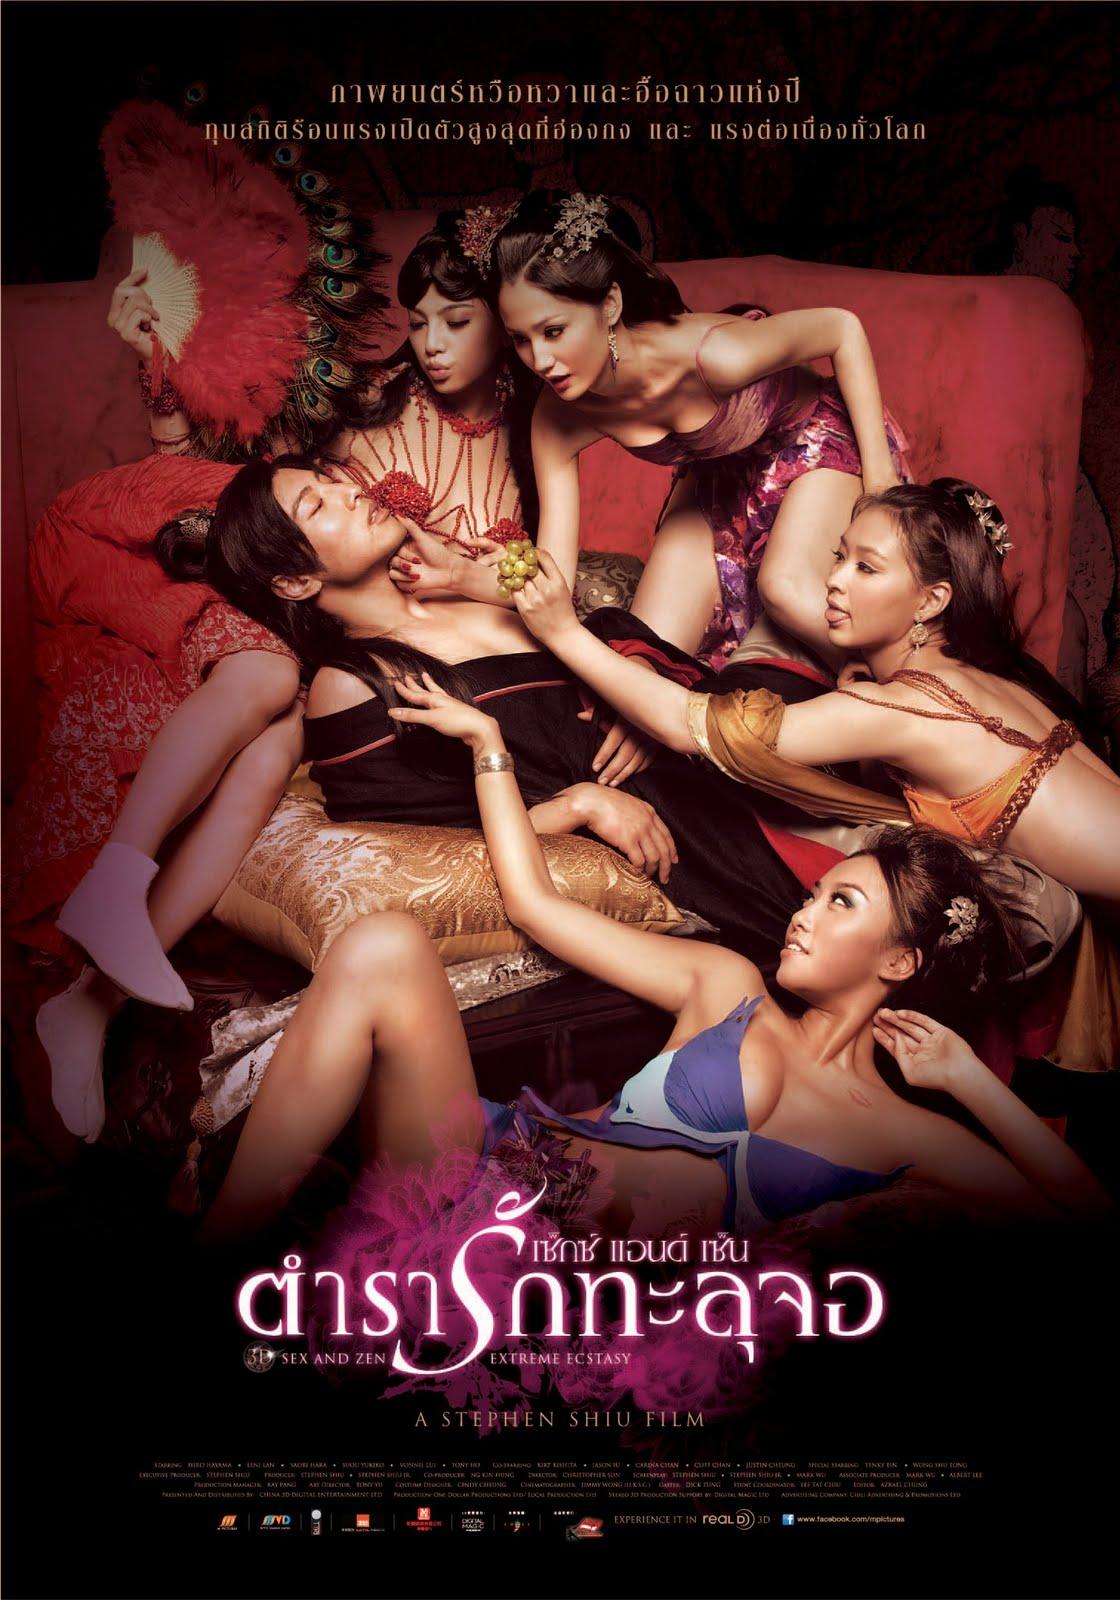 3D Sex and Zen แชมป์ครึ่งปีแรก บ็อกซ์ออฟฟิศหนังฮ่องกง